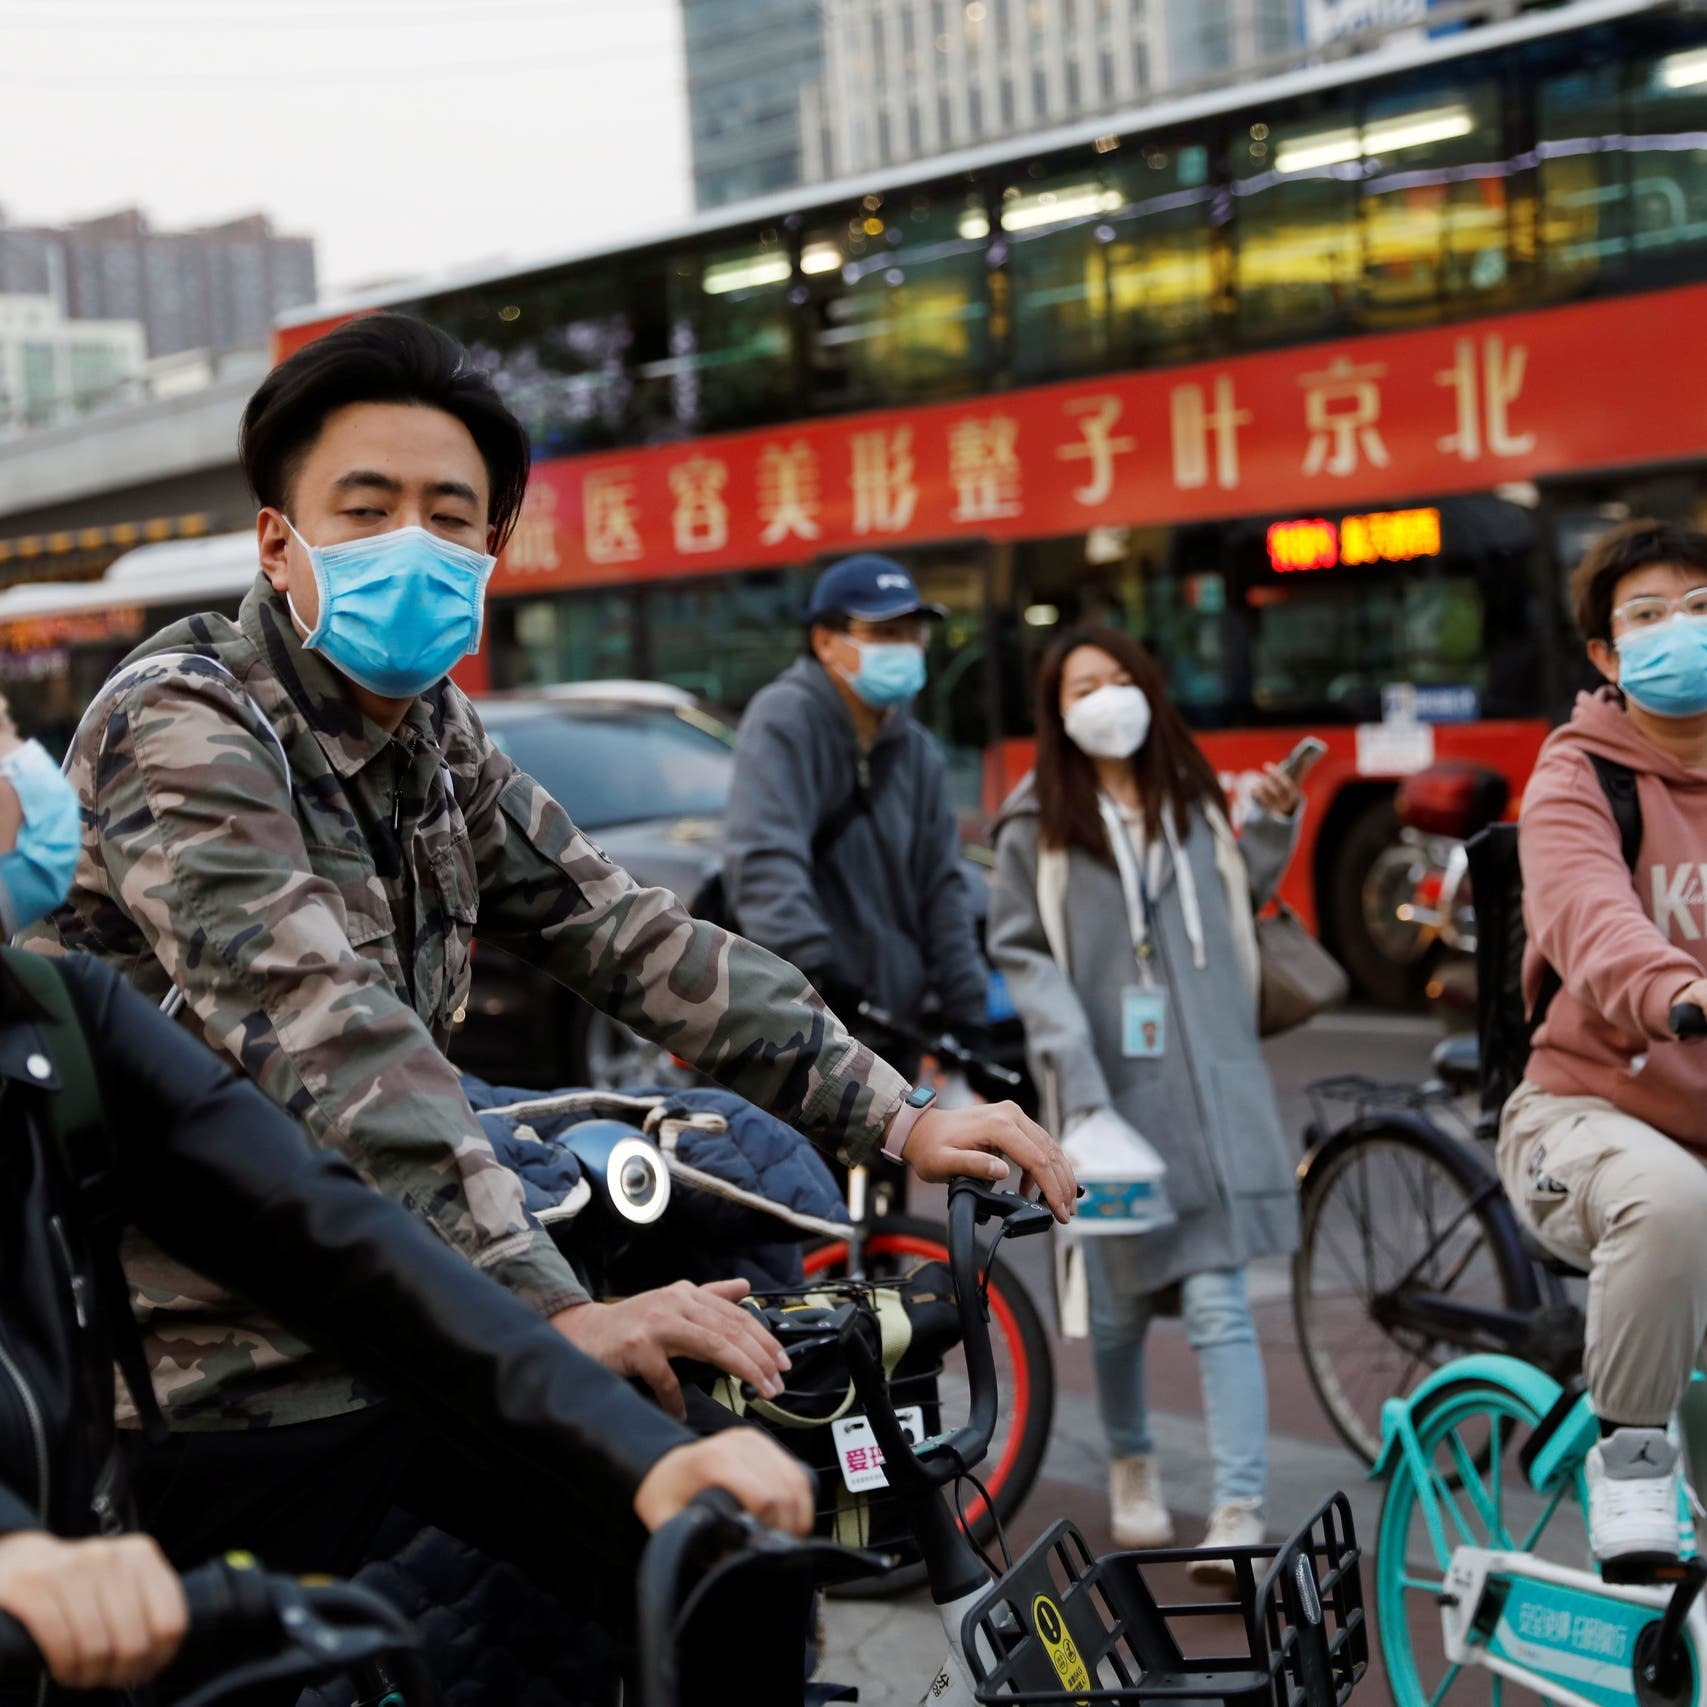 العطس والسعال جريمة.. بكين تستعد لقوانين جديدة